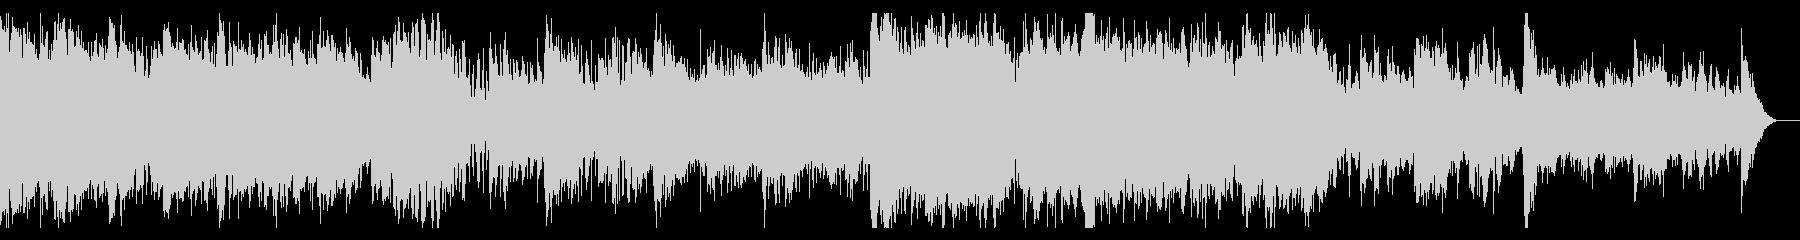 ミステリー・ホラーなシネマティックBGMの未再生の波形